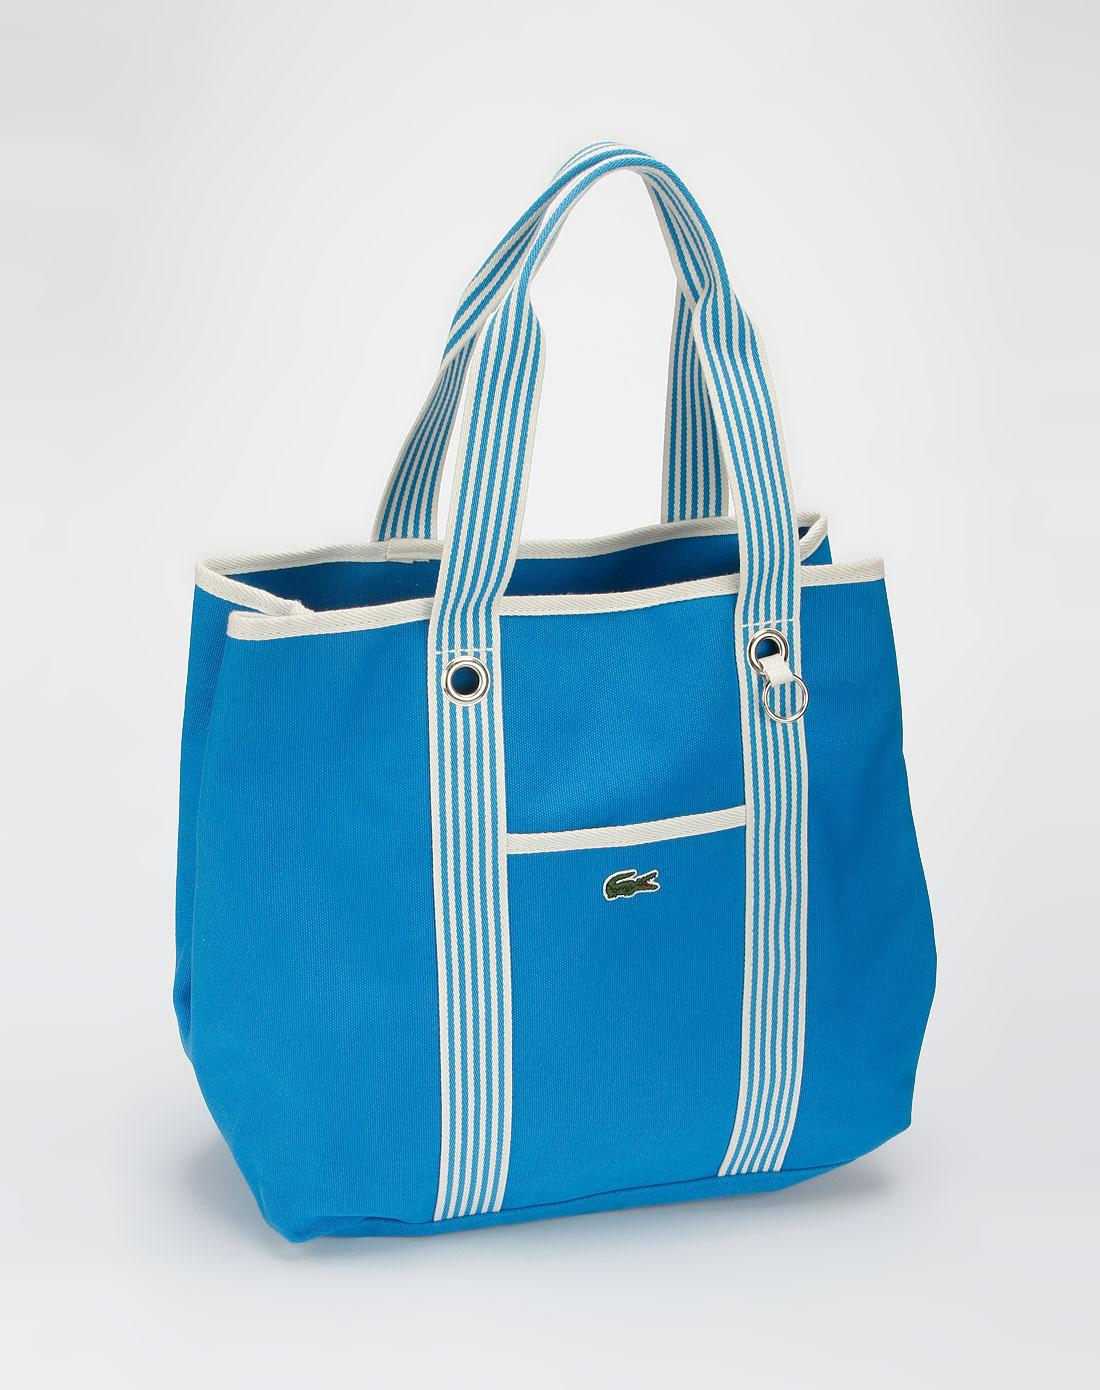 法国鳄鱼包包lacoste蓝色沙滩包